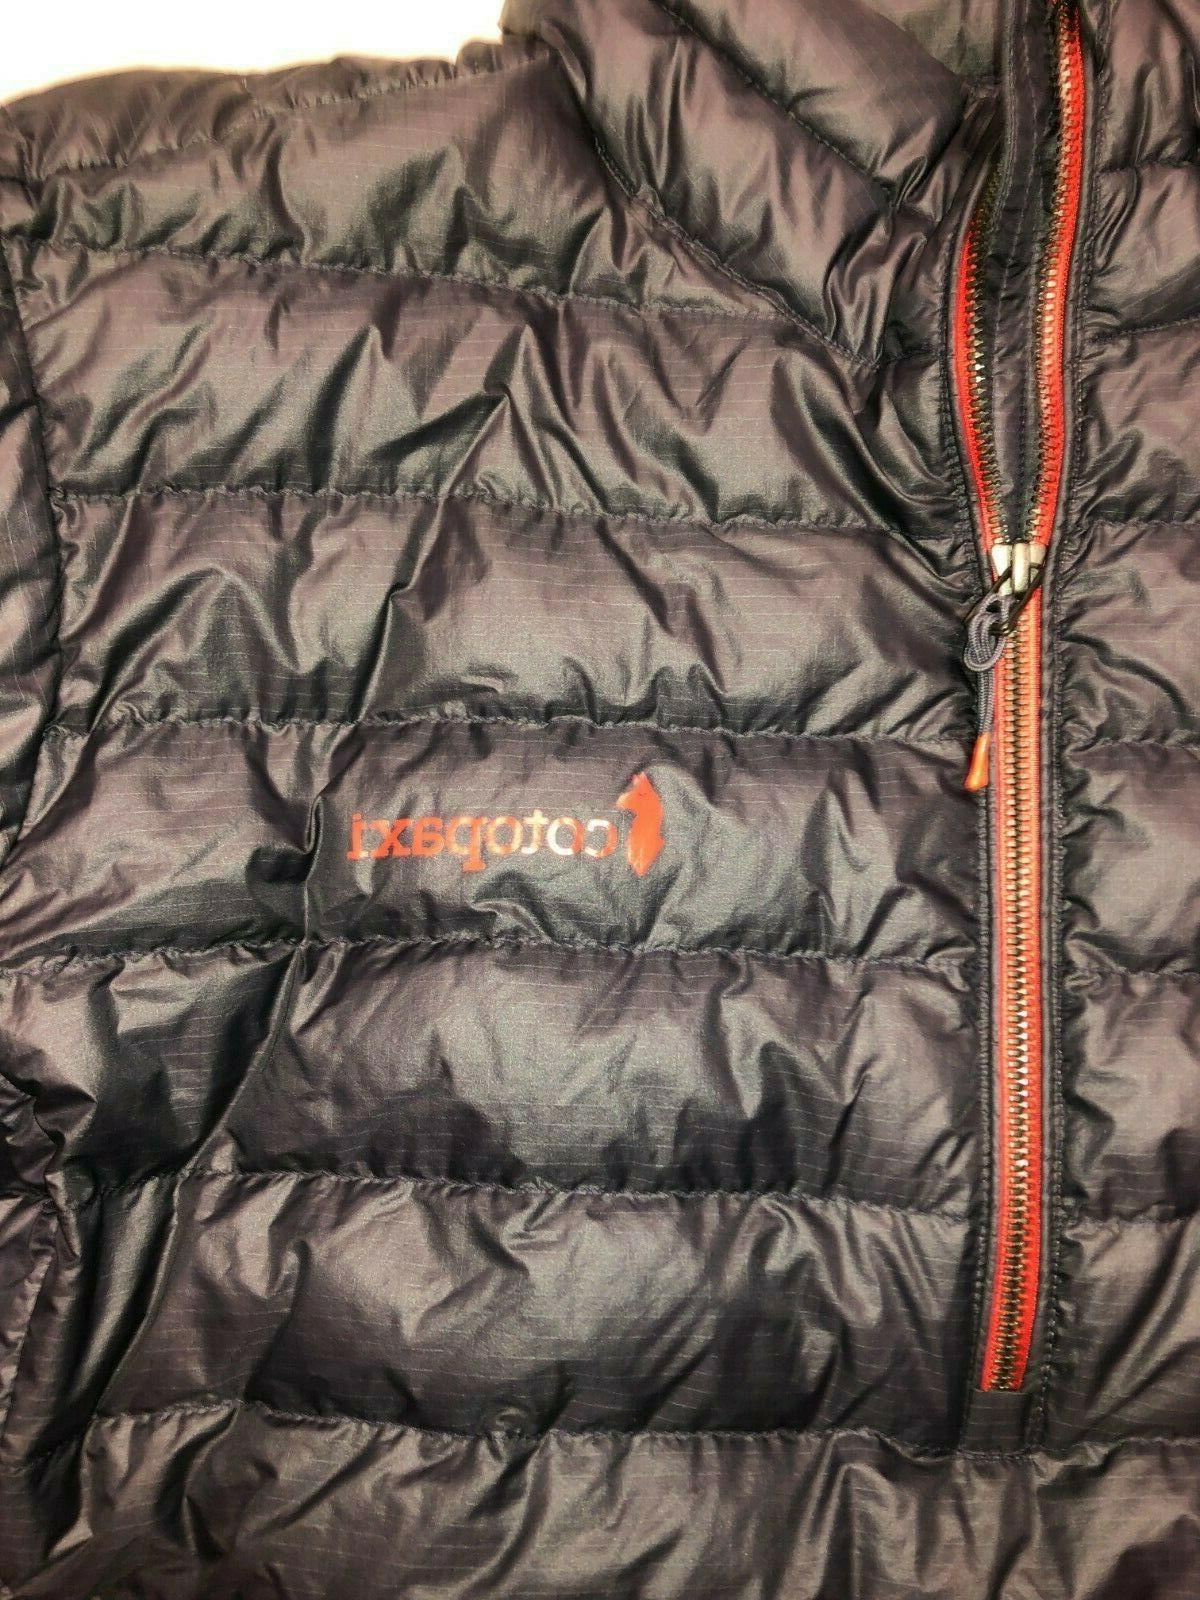 NWOT Fuego Down Jacket Coat Size